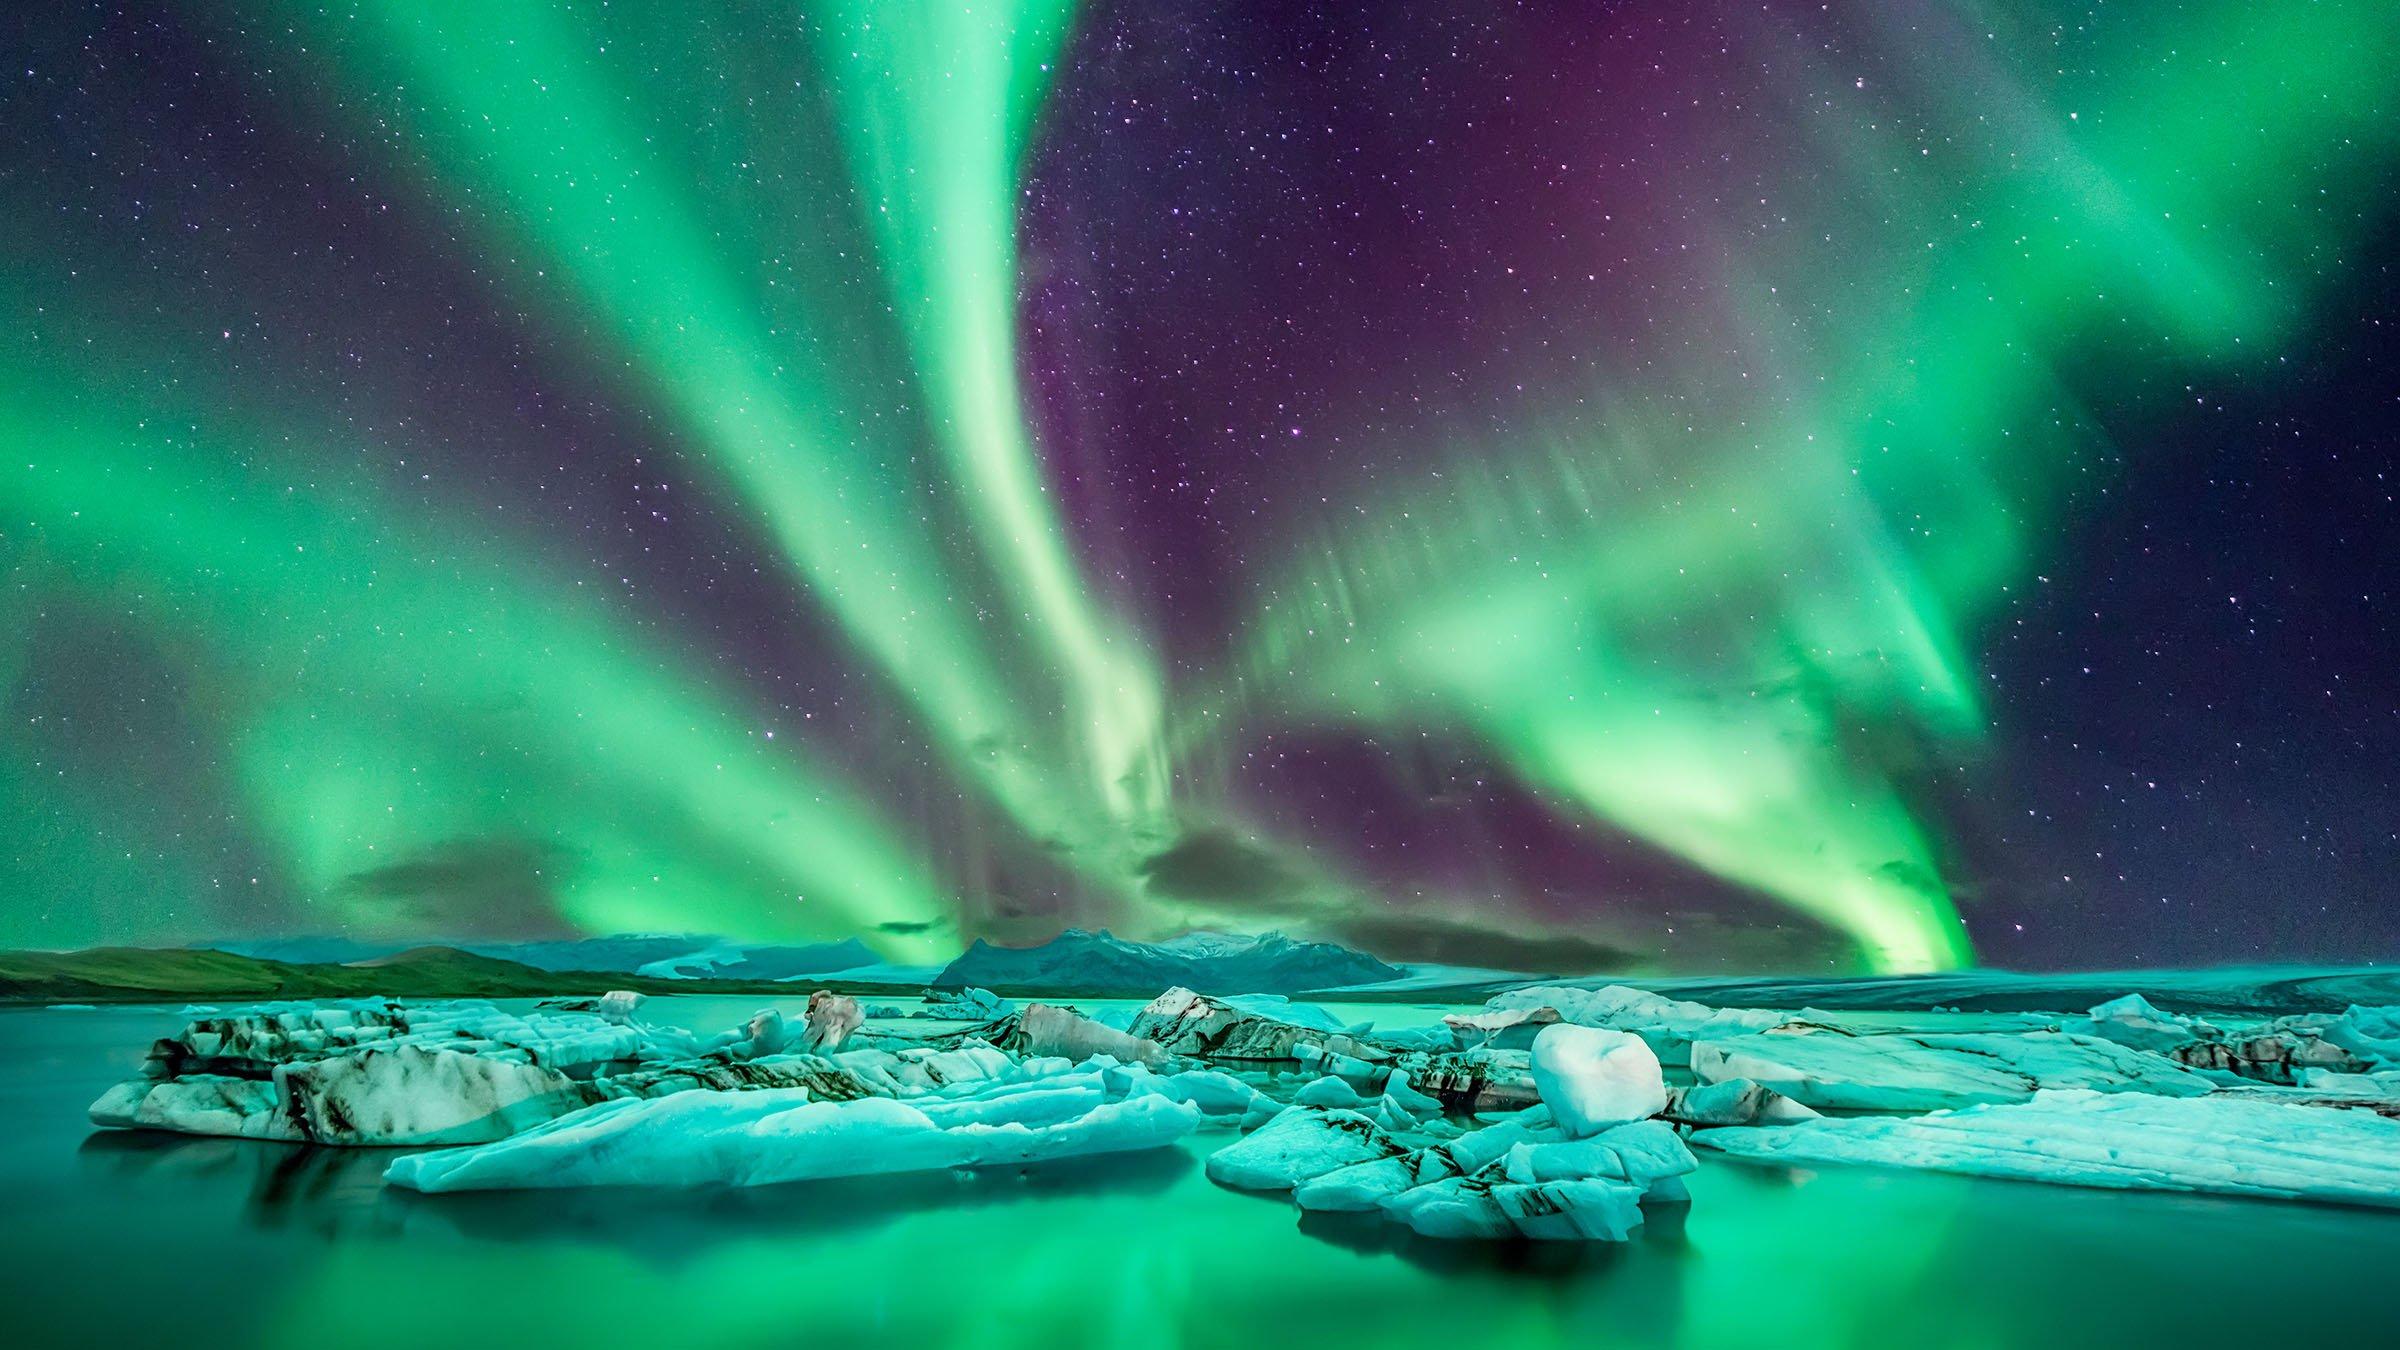 el fenomeno natural de la aurora boreal en islandia Masiva tormenta solar que azota a la Tierra mañana podría causar cortes de energía y vistas deslumbrantes de la aurora boreal